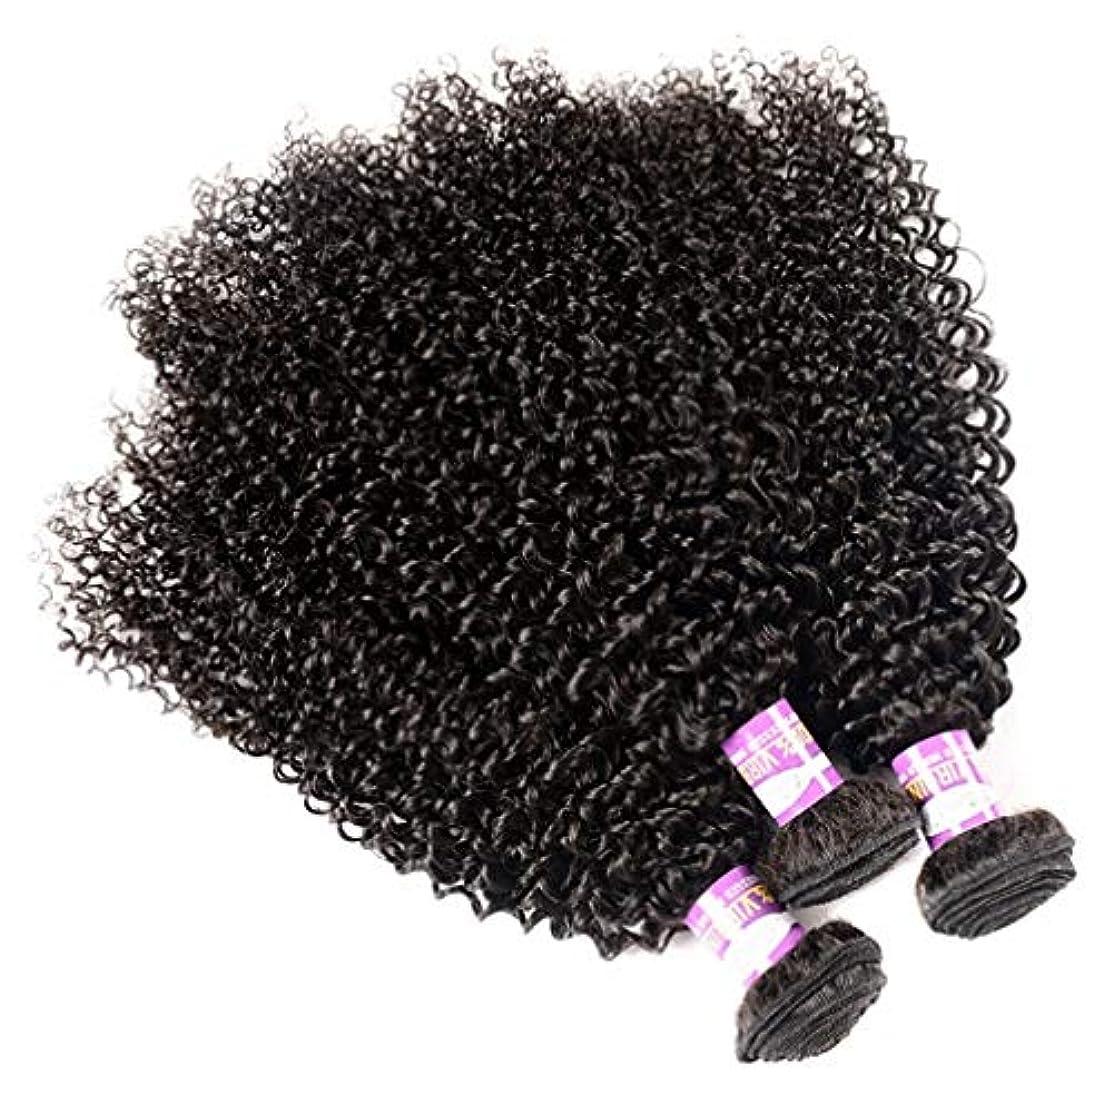 ネスト時計回り法廷女性ブラジル人髪織りバージン人毛体波100%人毛織りナチュラルブラックカラー(3バンドル)